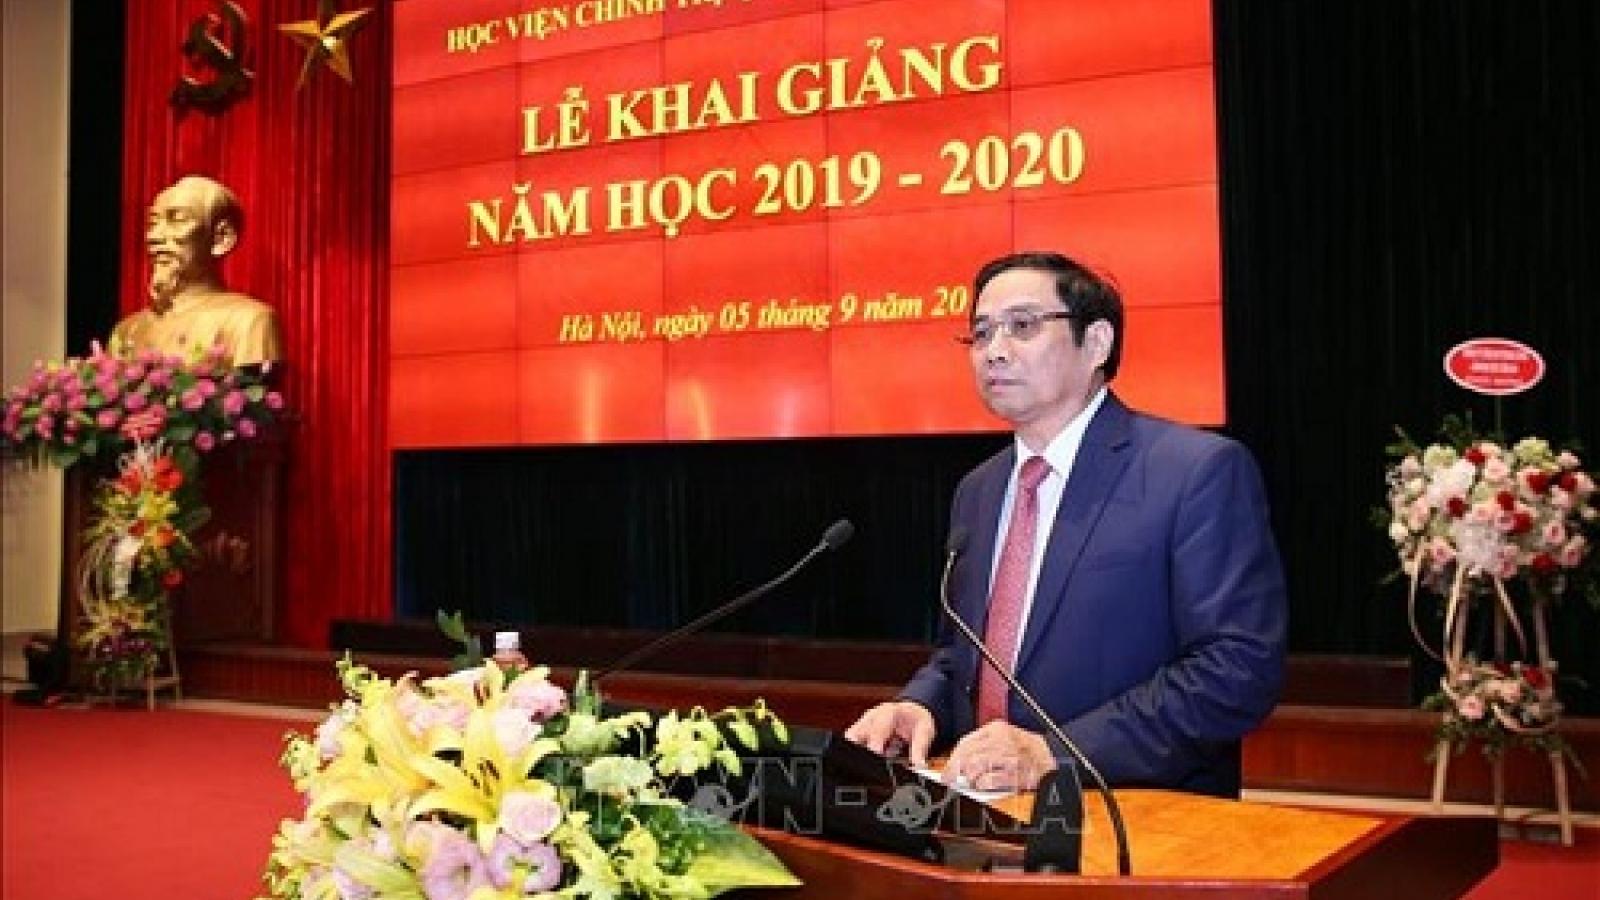 Ông Phạm Minh Chính dự Lễ khai giảng Học việnChính trị Quốc gia Hồ Chí Minh